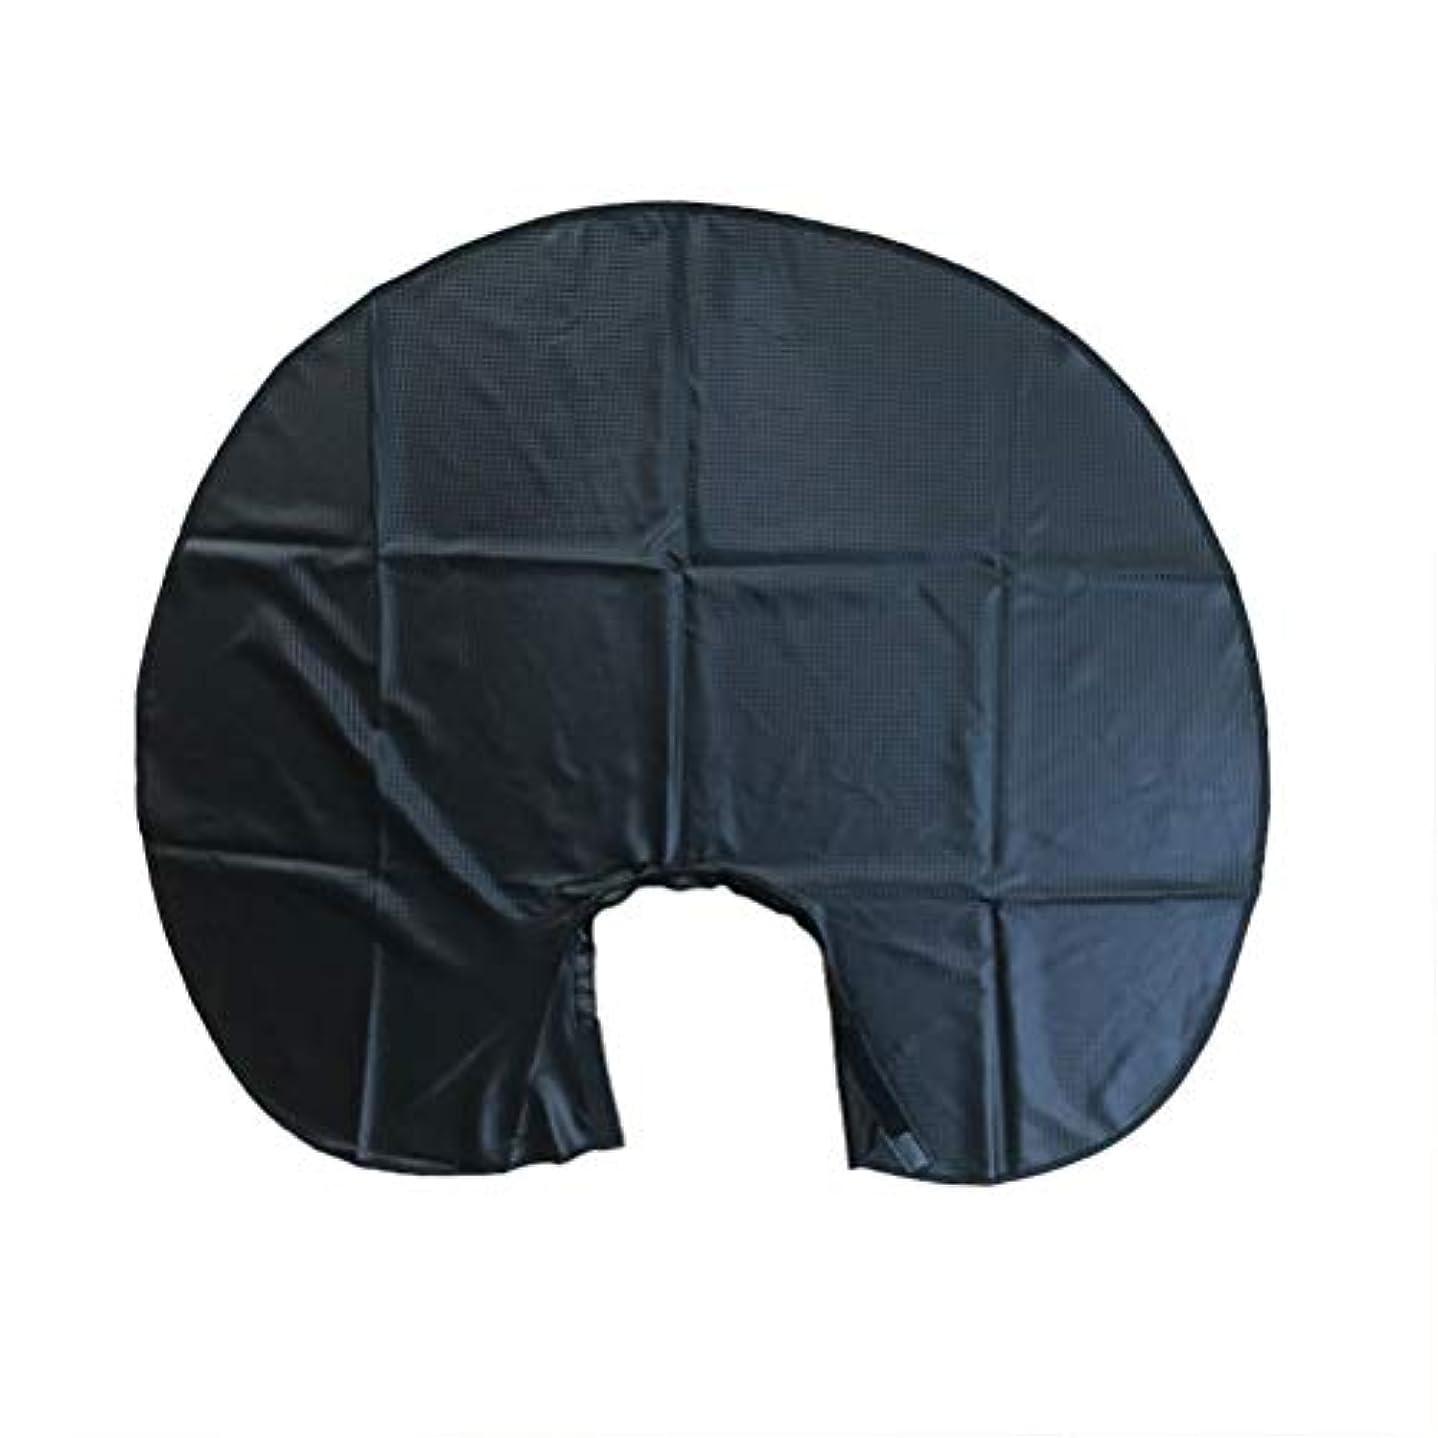 タイヤ出口剥離Beaupretty 1ピースヘアサロン切断エプロン防水ショートヘアケープケープ理髪店のドレス用理髪スタイリング